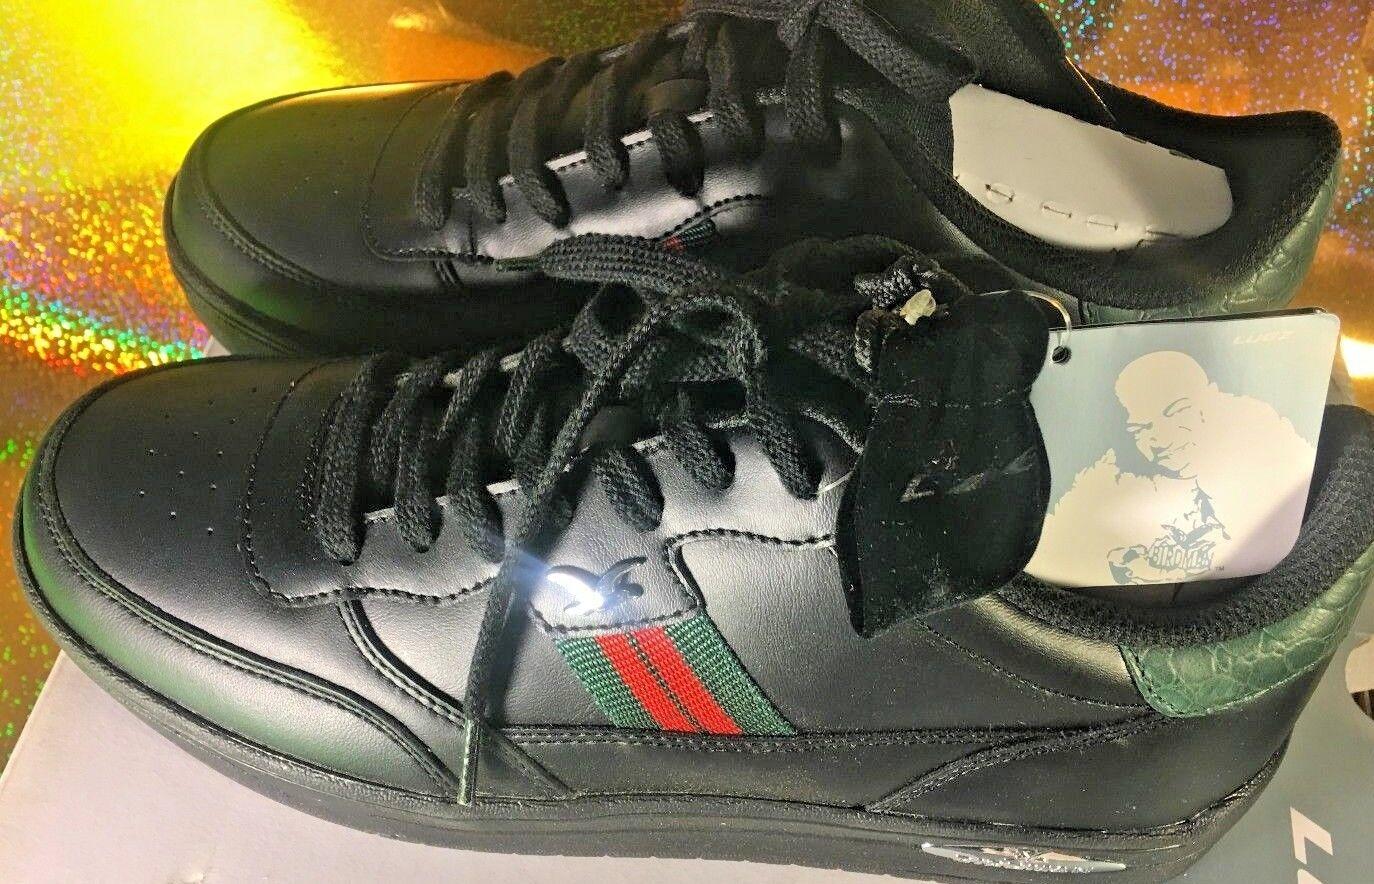 LUGZ classic shoes laces bird man, leather up, size 9.5 men